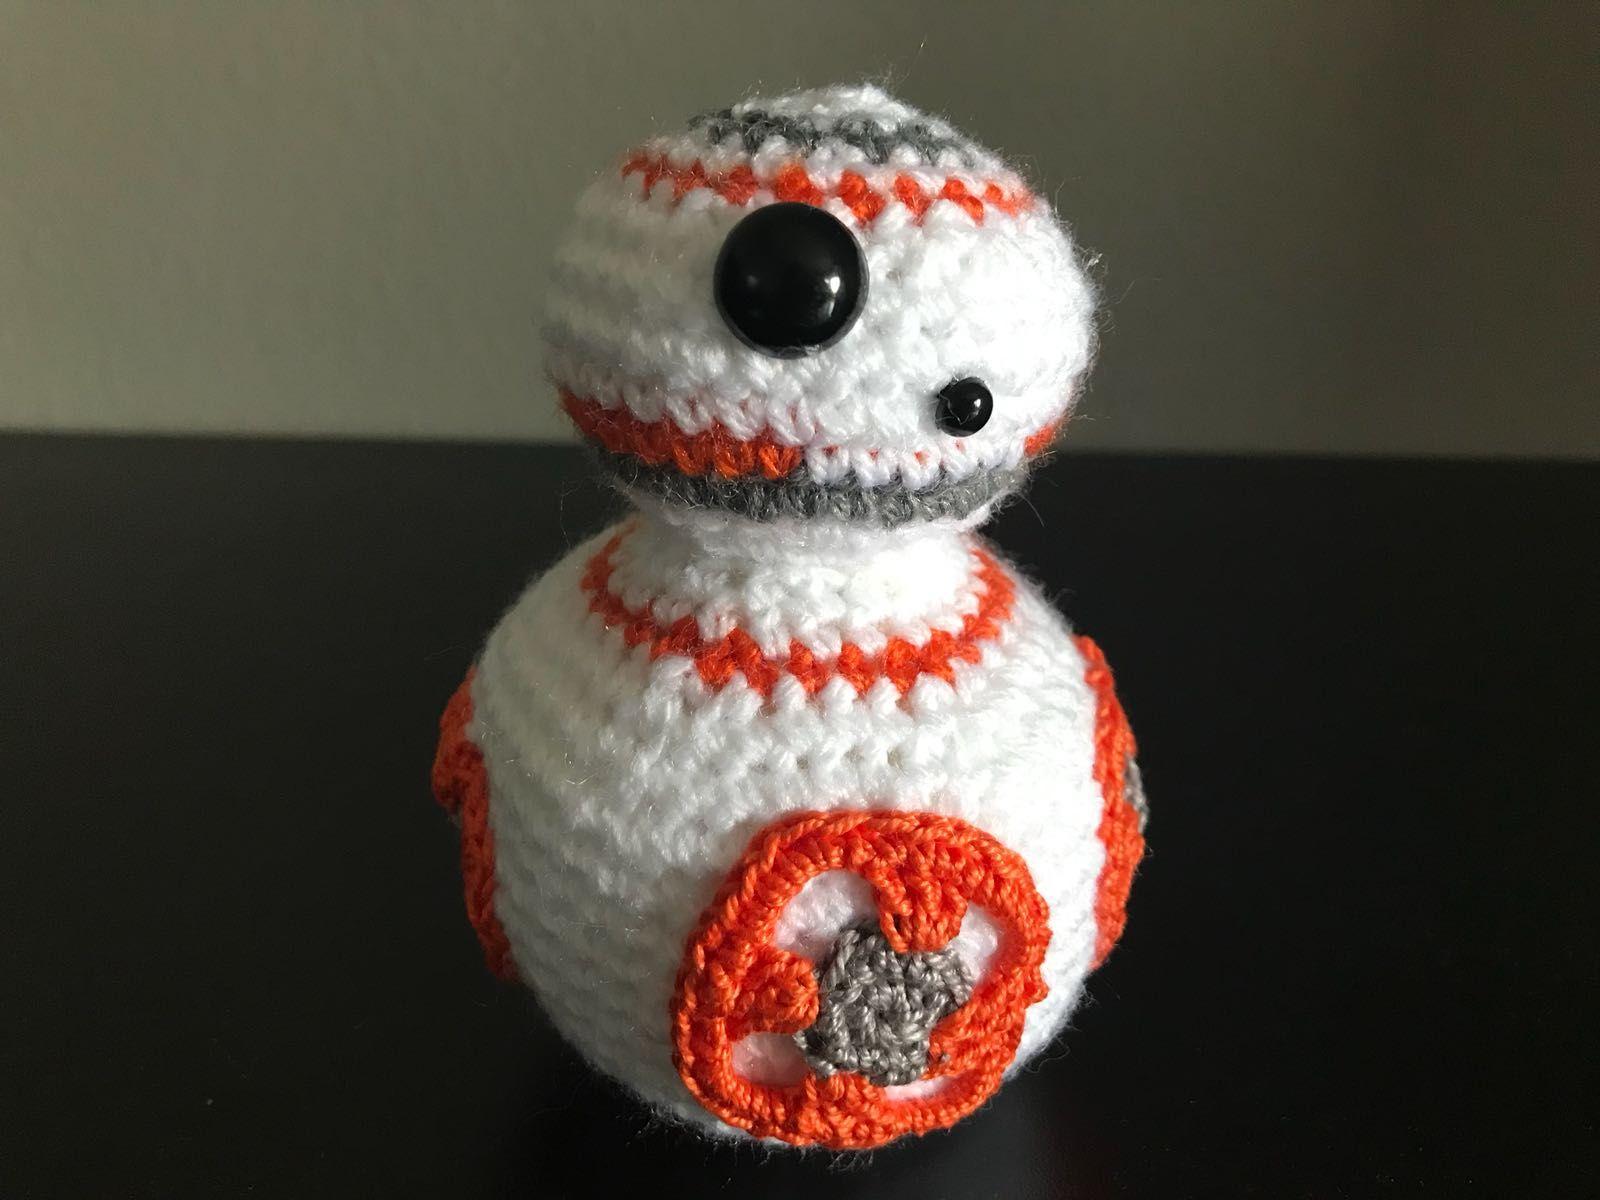 Amigurumi Uncinetto Schemi Gratis : Star wars bb schema gratis tutorial uncinetto crochet amigurumi